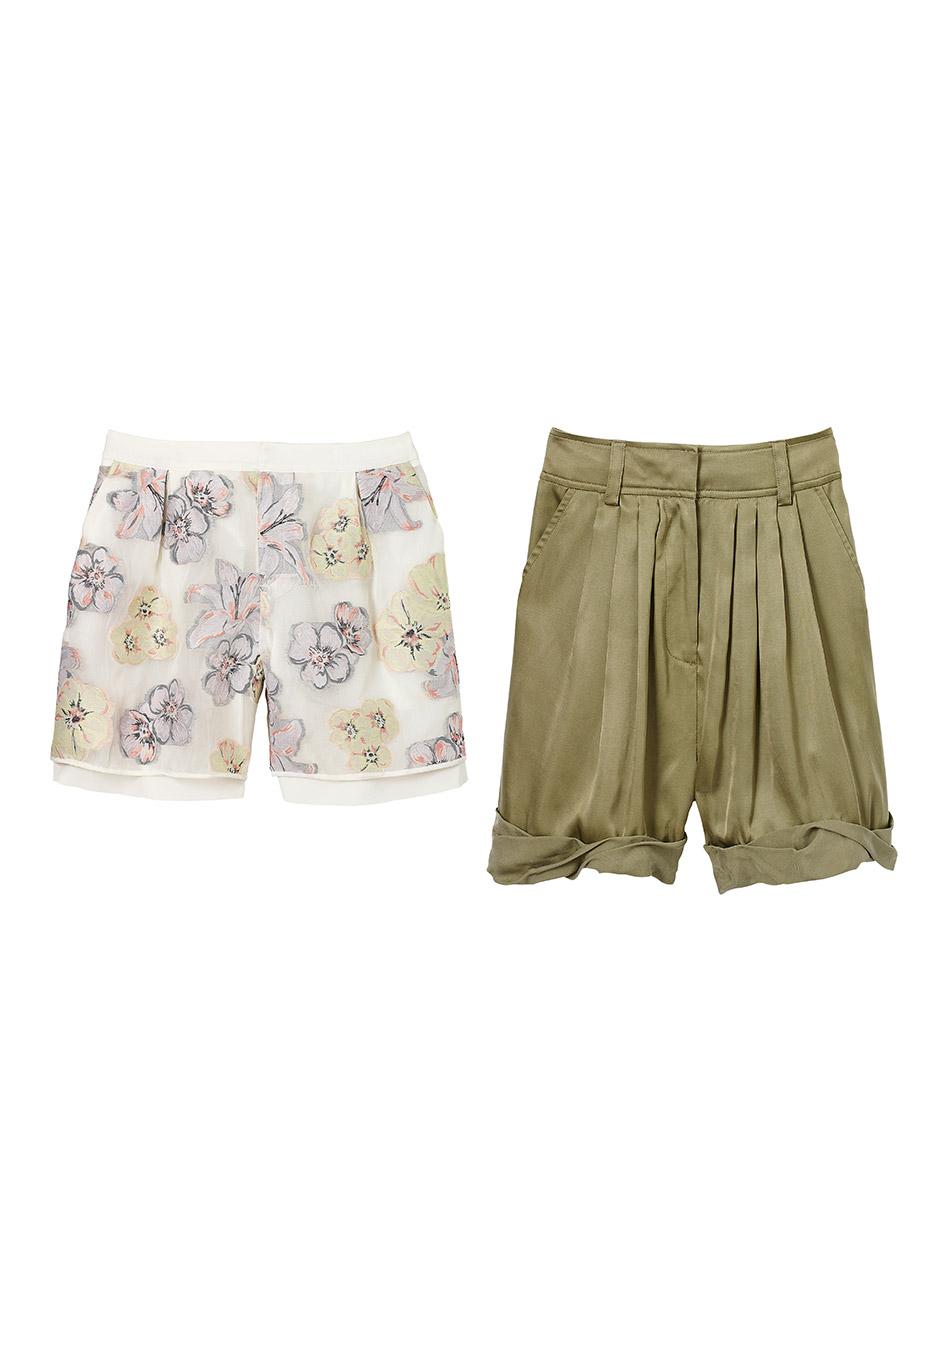 шорты средней длины для солидного возраста: от ClubMonaco и от Rachel Zoe